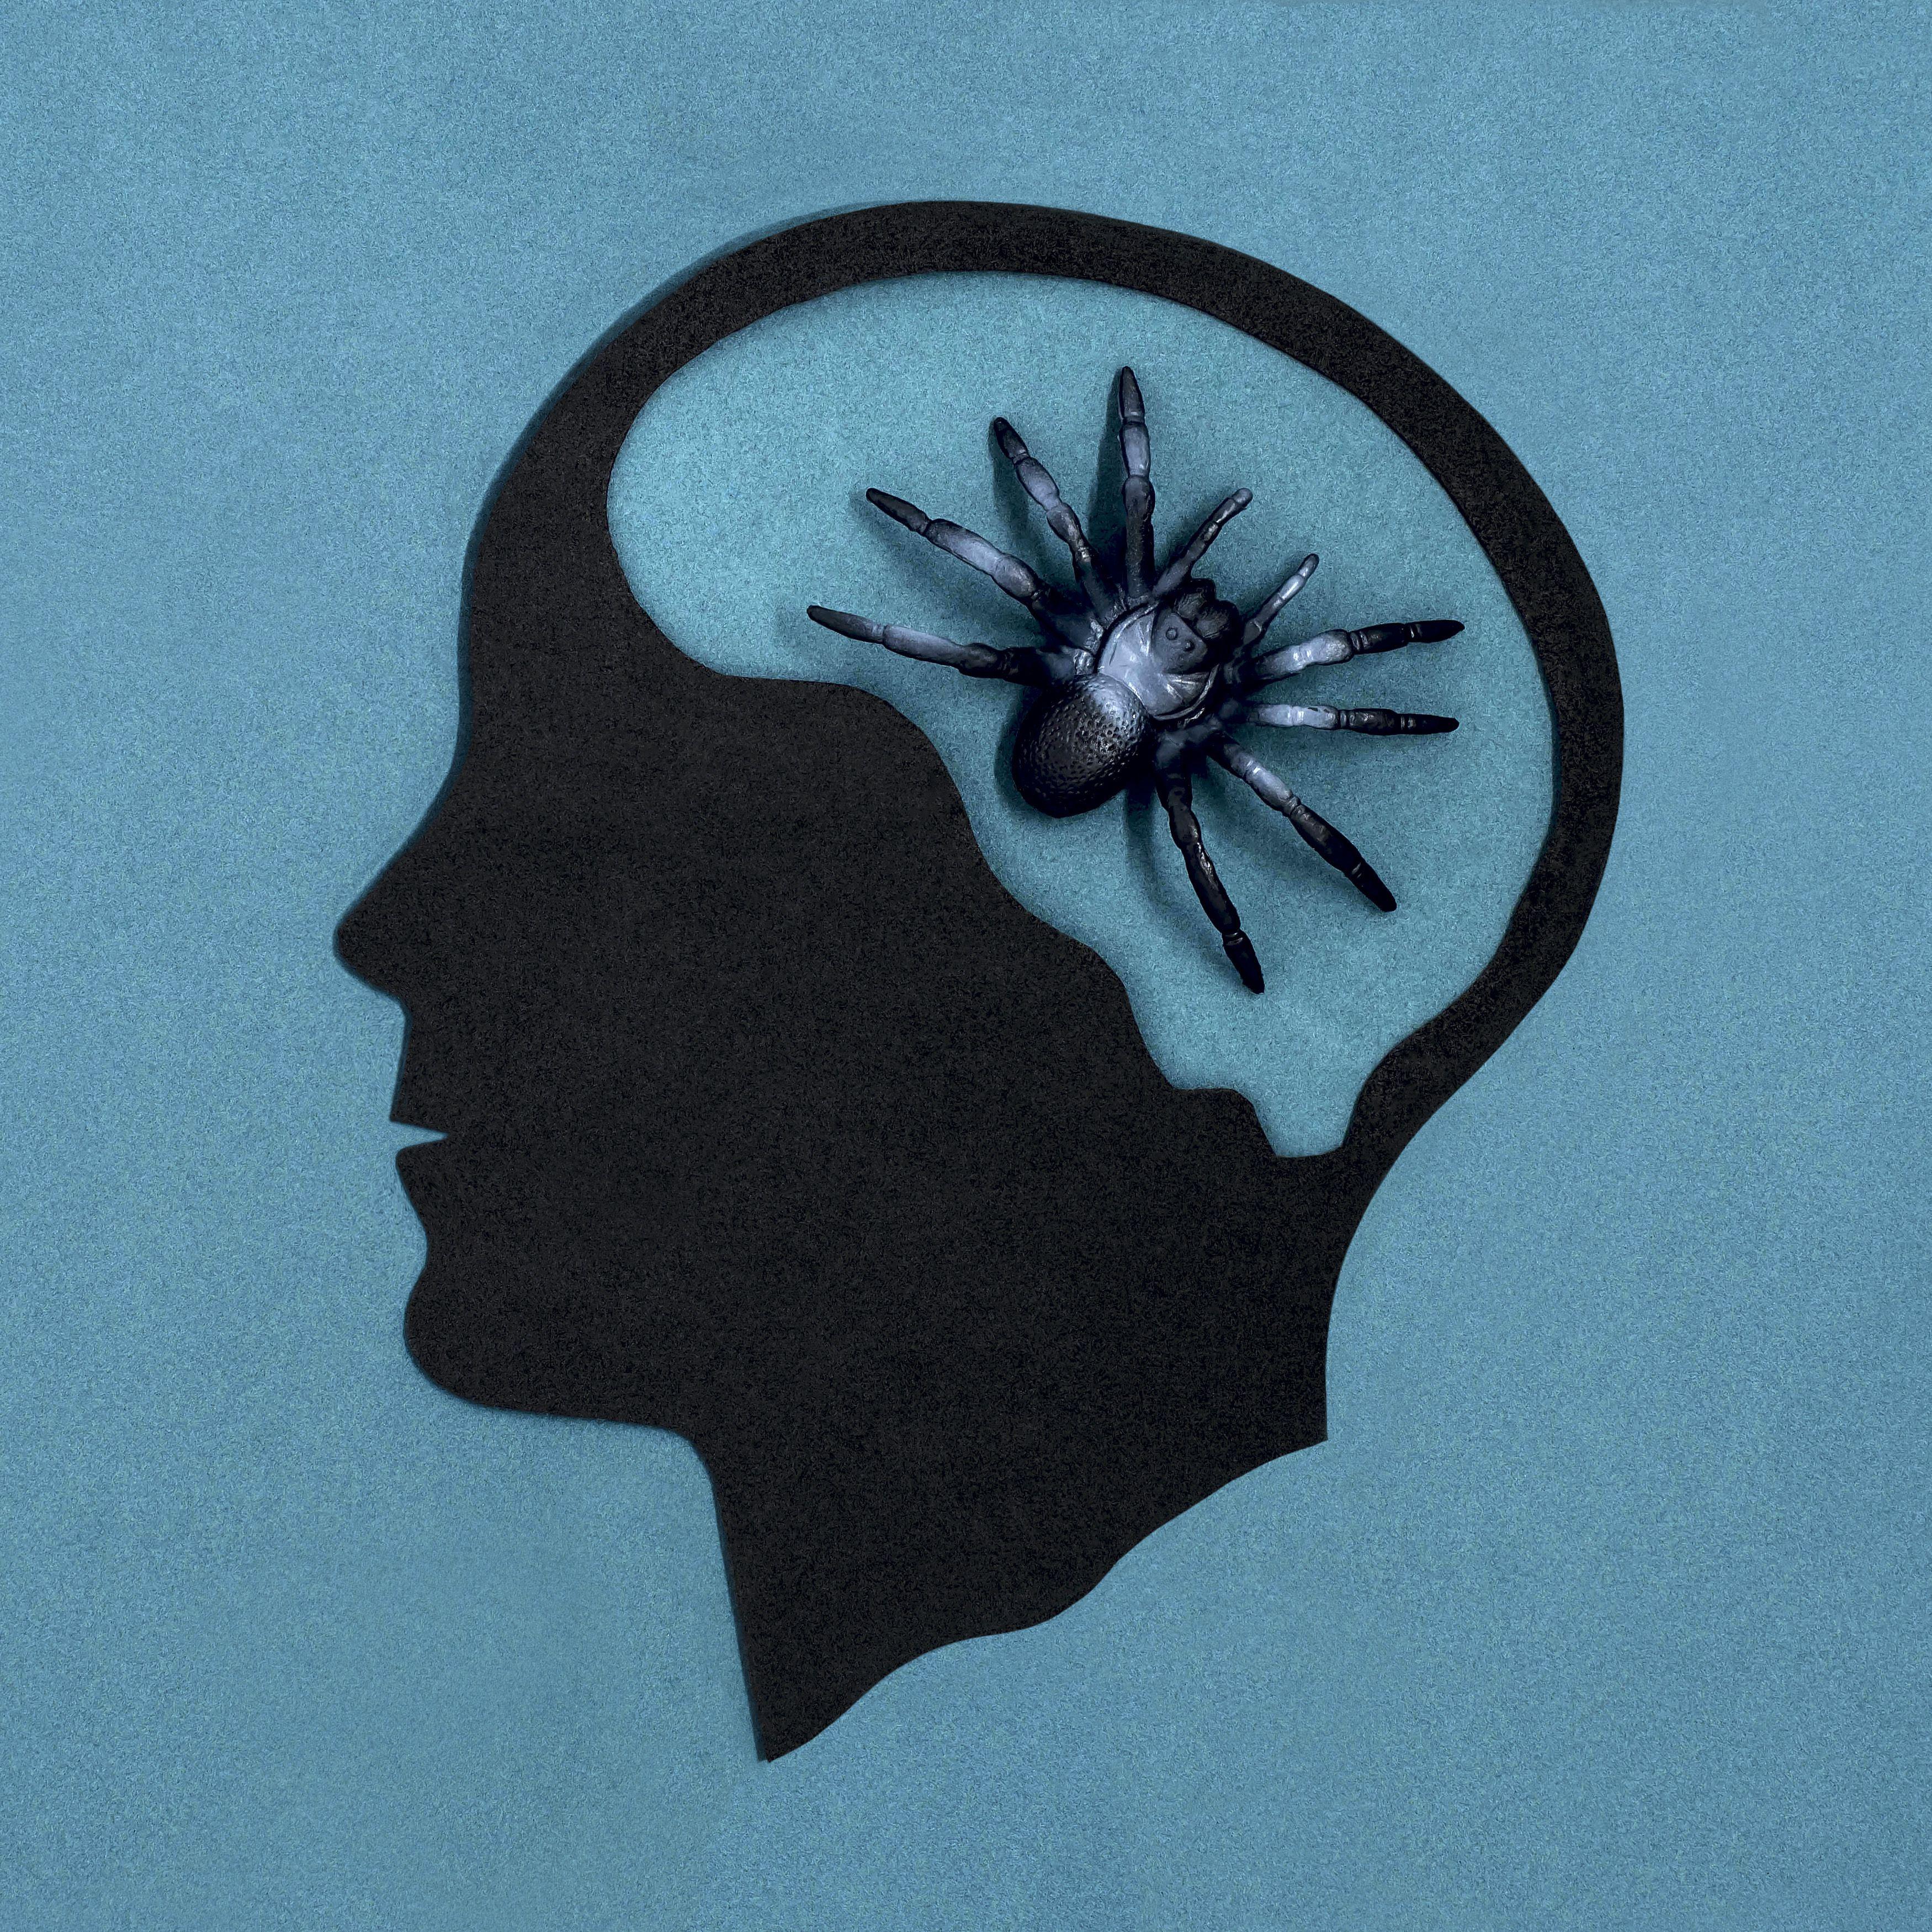 phobia anxiety treatment, Anxiety and Phobia Treatment